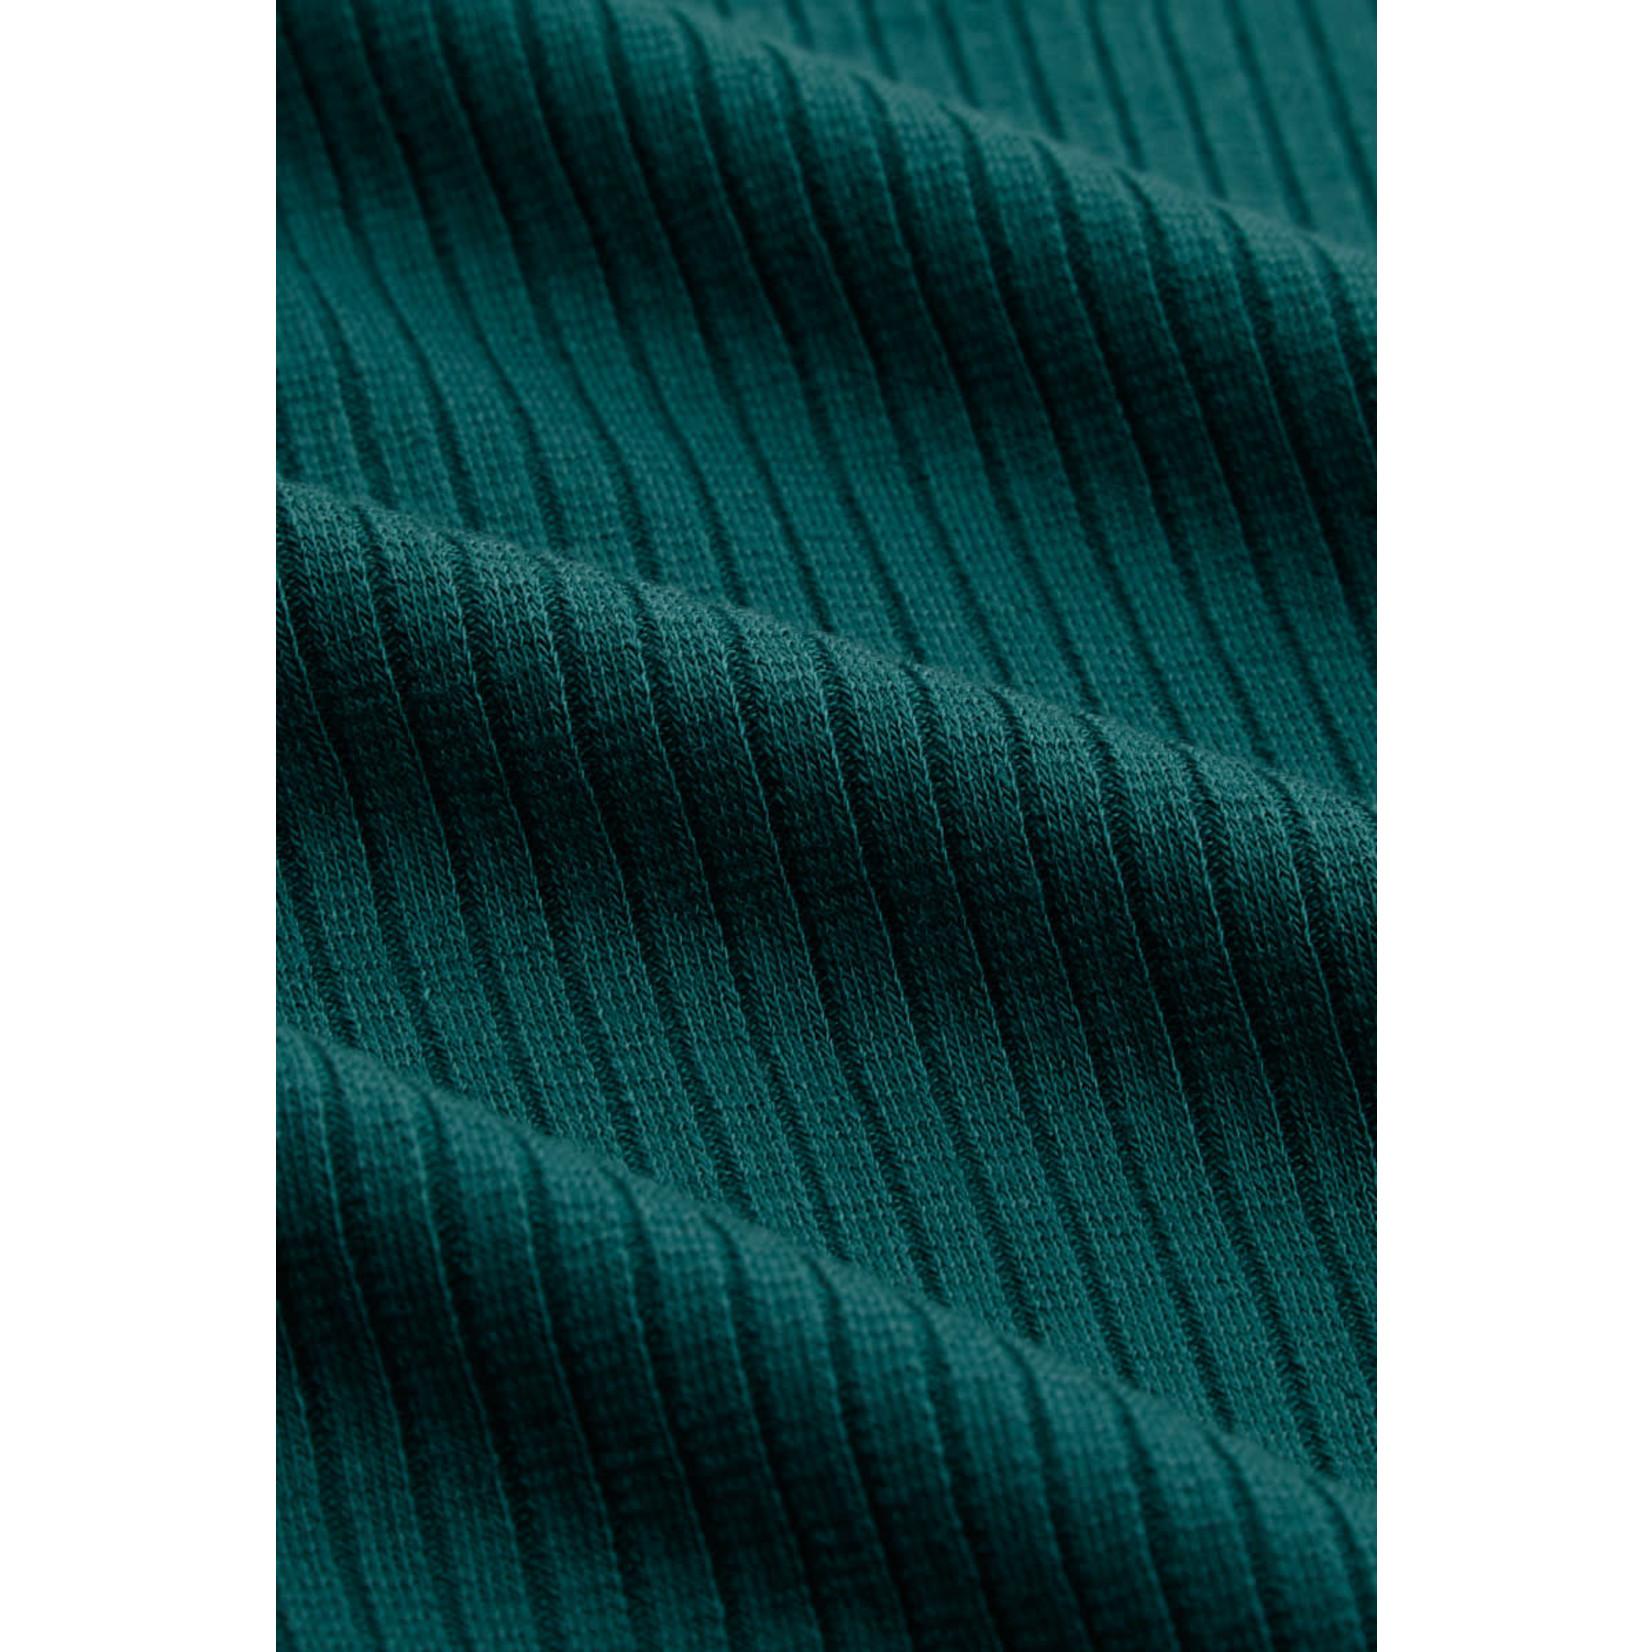 King Louie King Louie Top Uni Rib Tencel Green 05547